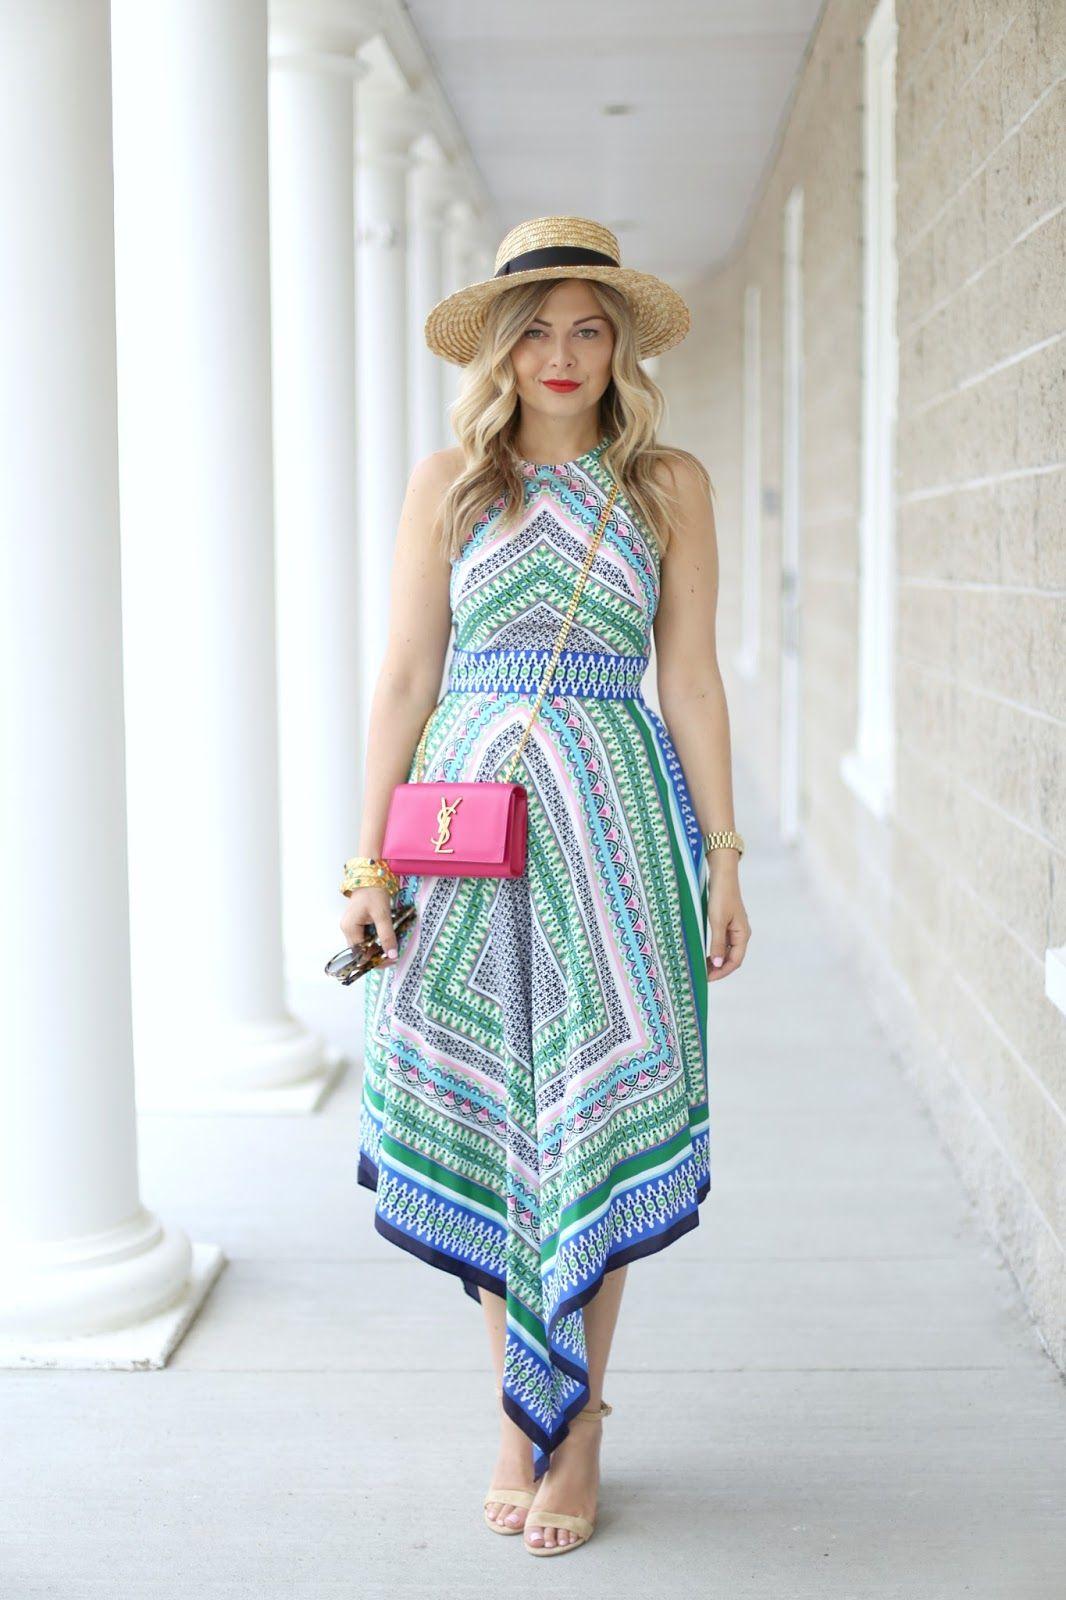 Wedding Dress Guest | Fashion | Pinterest | Wedding dress guest ...